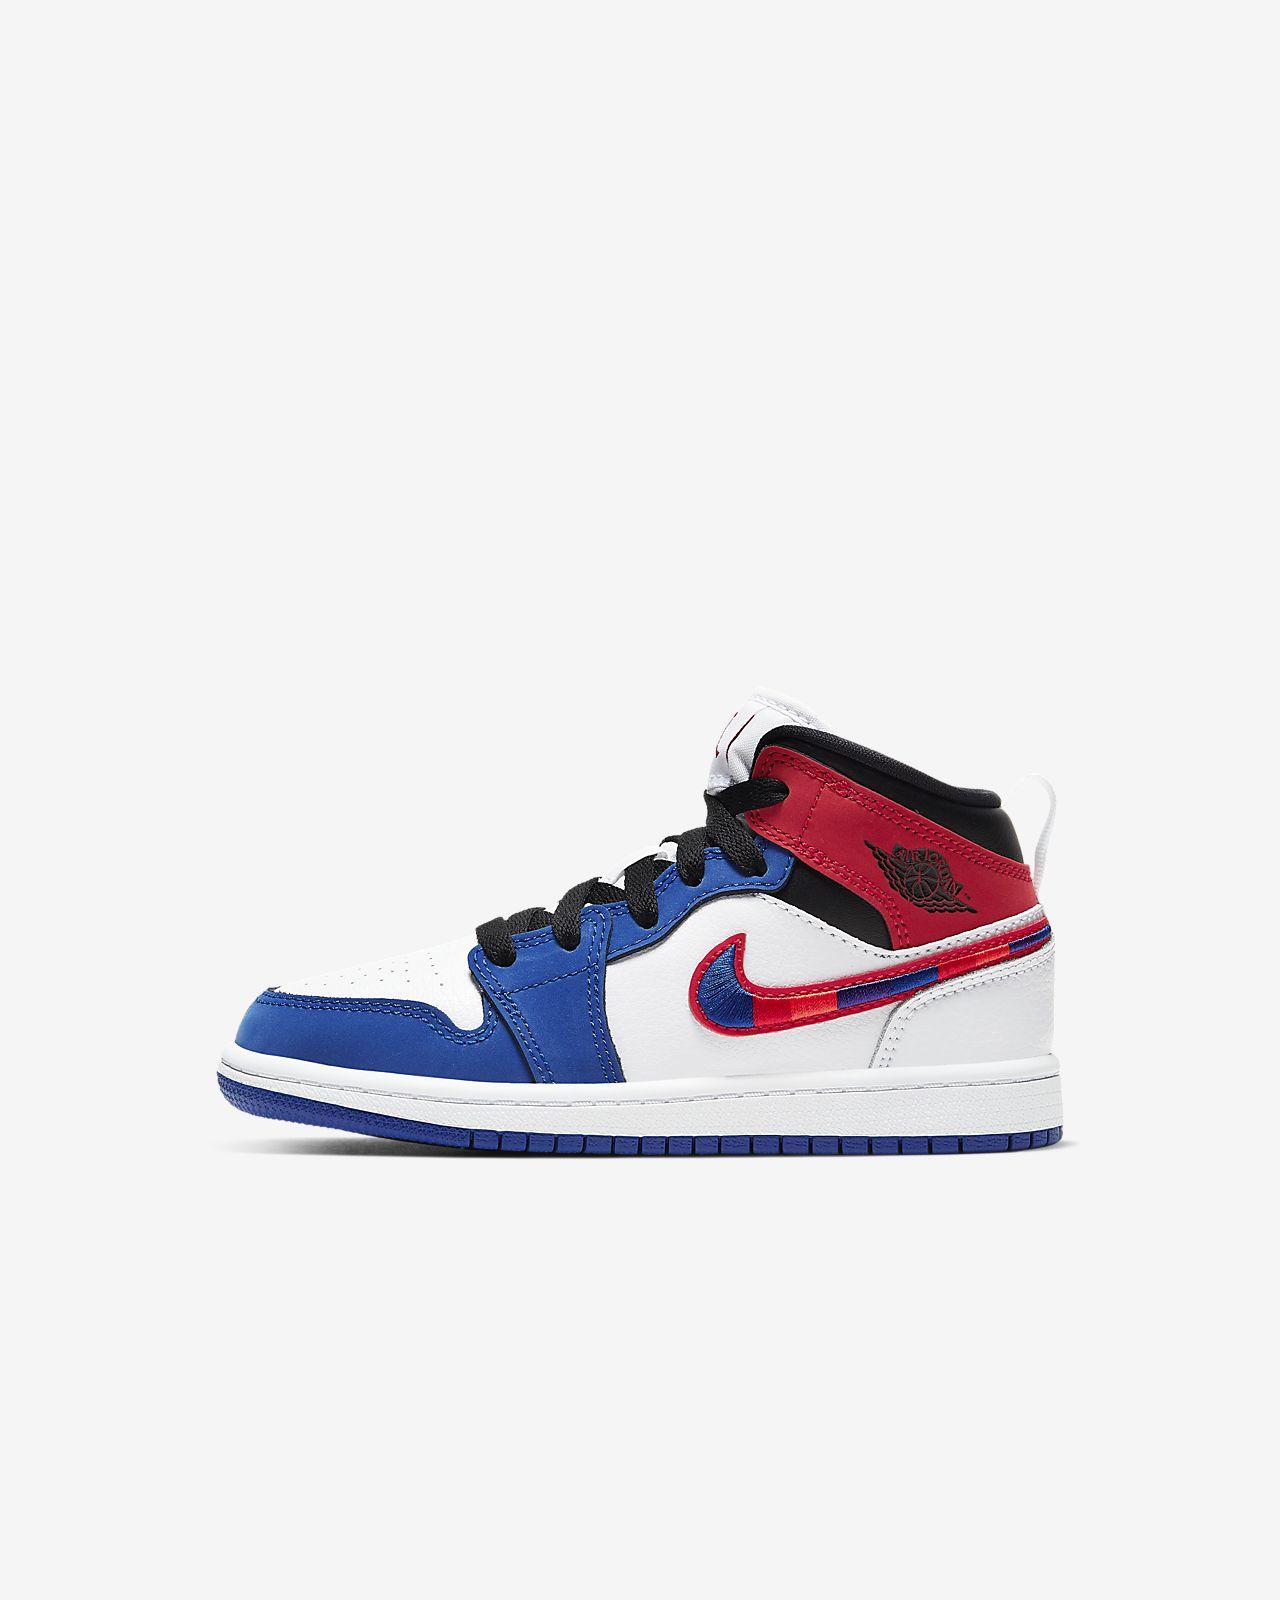 Jordan 1 Mid SE Little Kids' Shoe